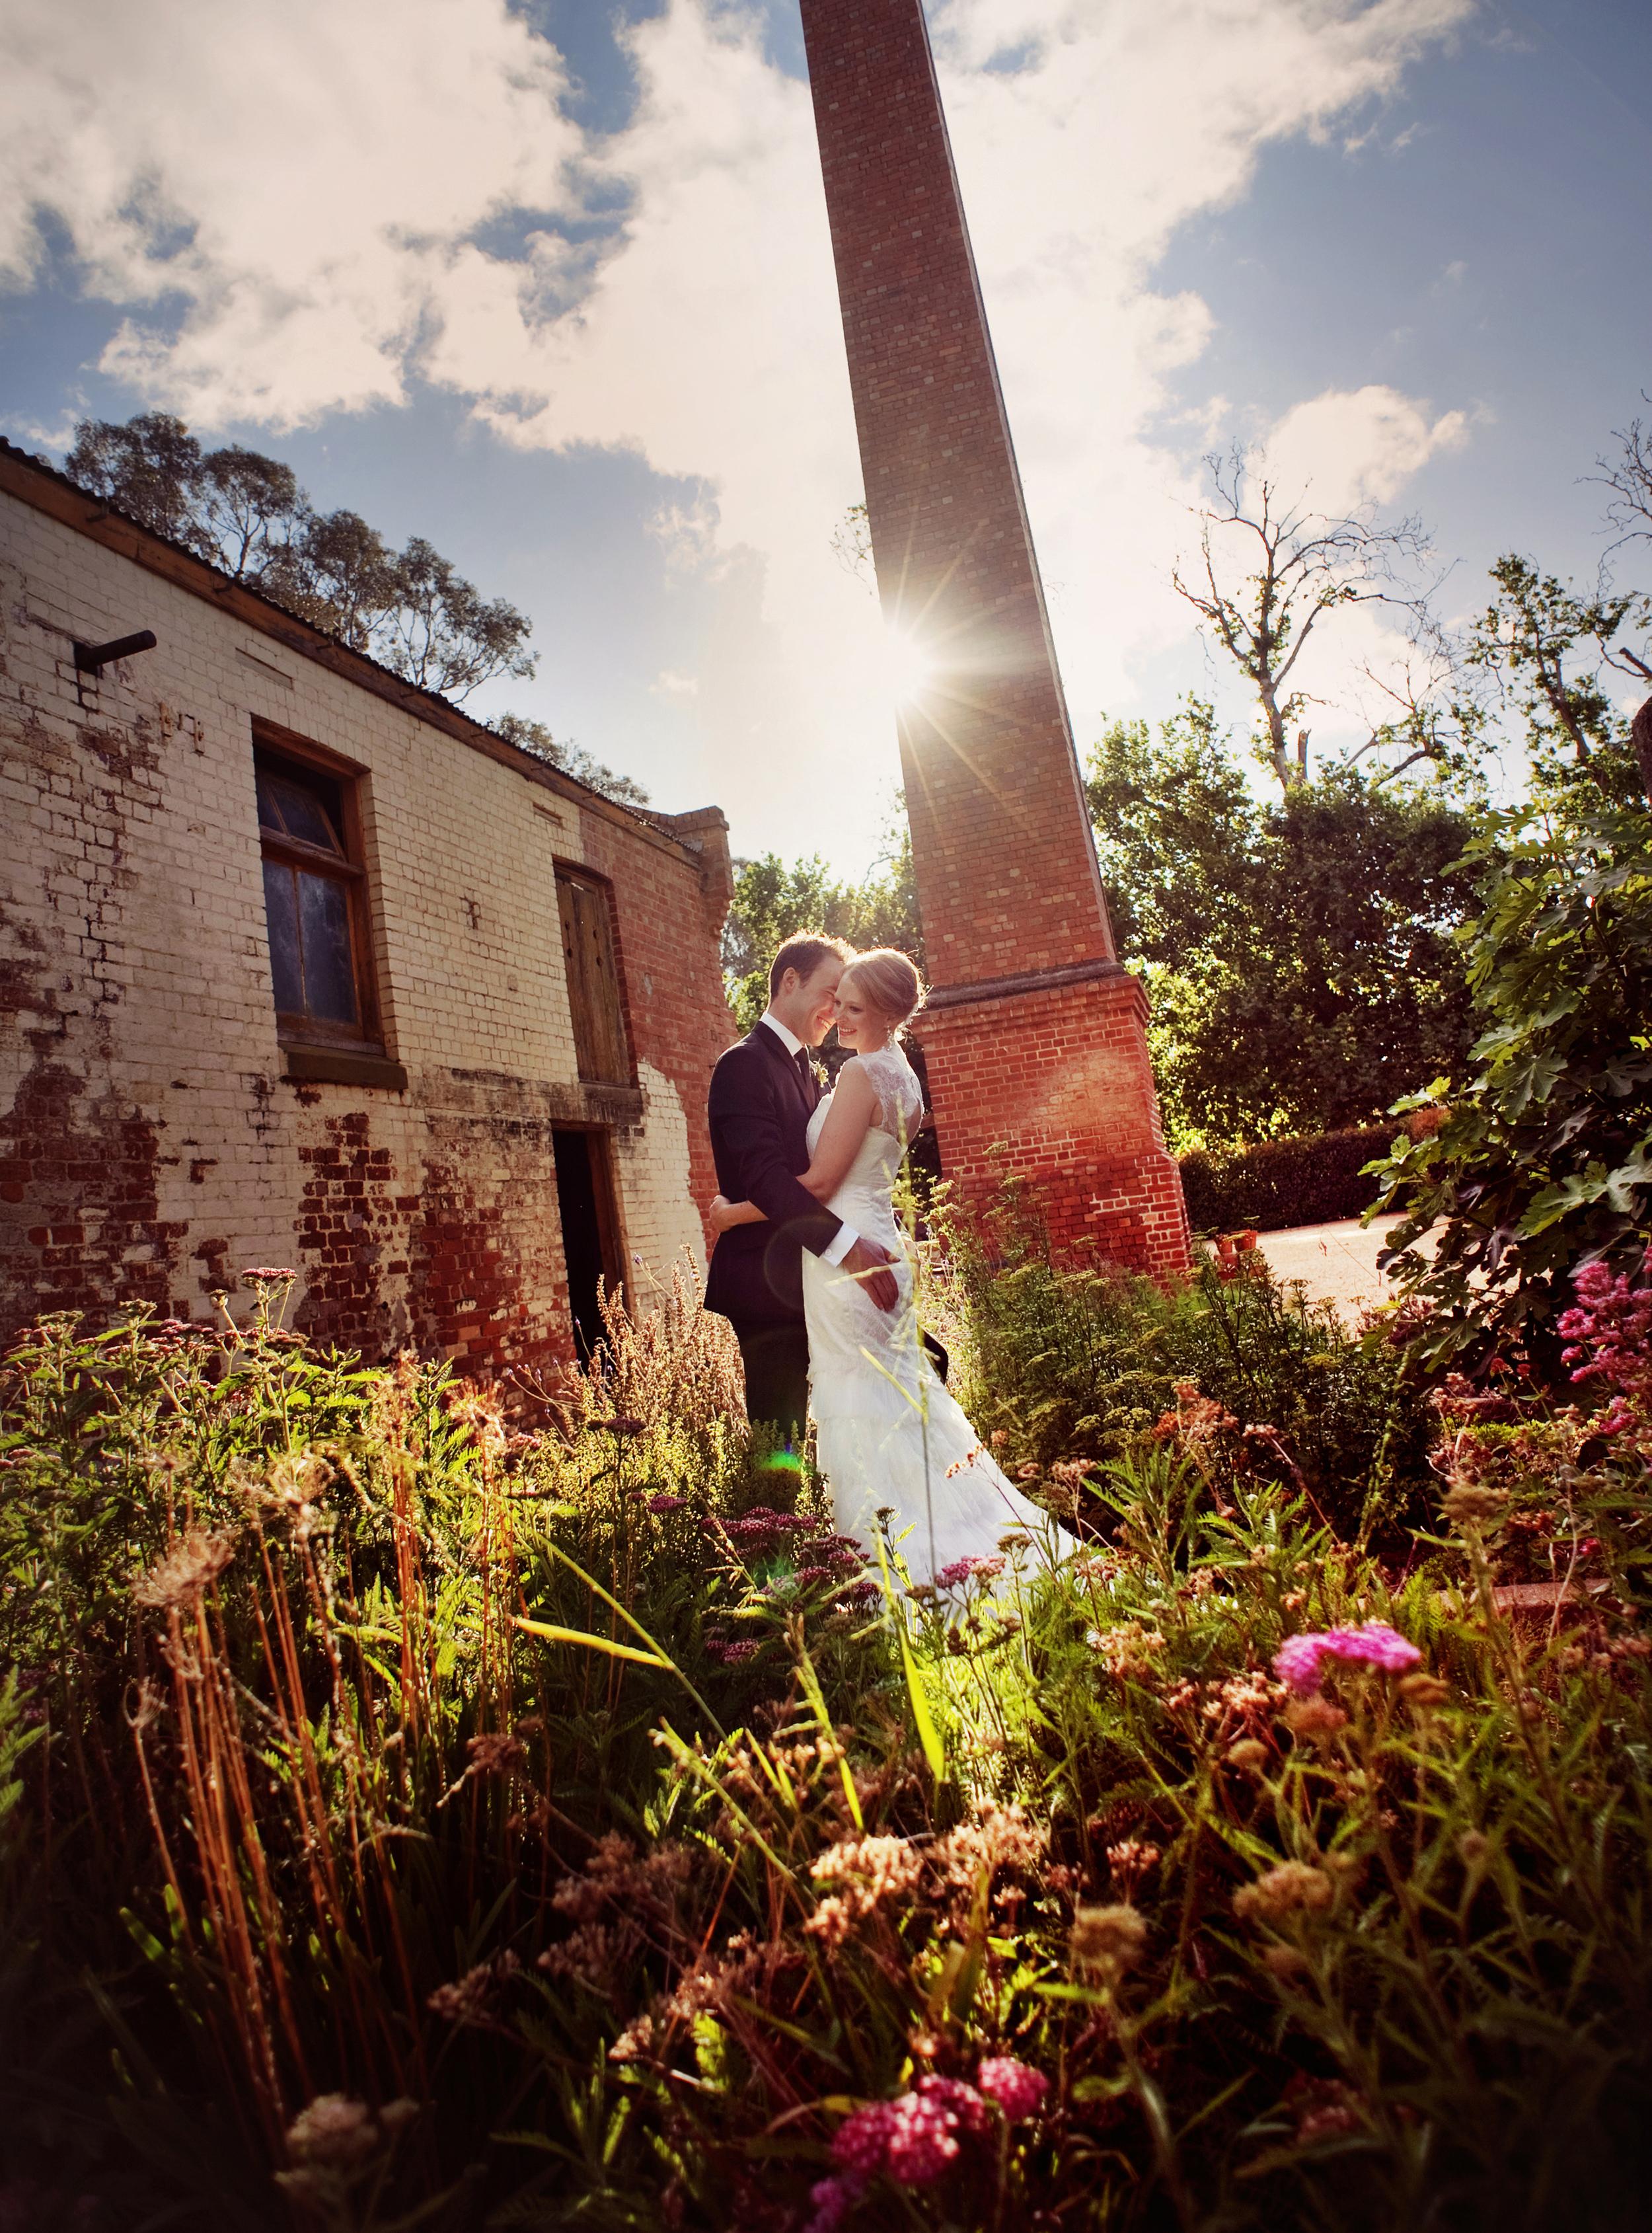 euroa_butter_factory_wedding_photography_47.jpg